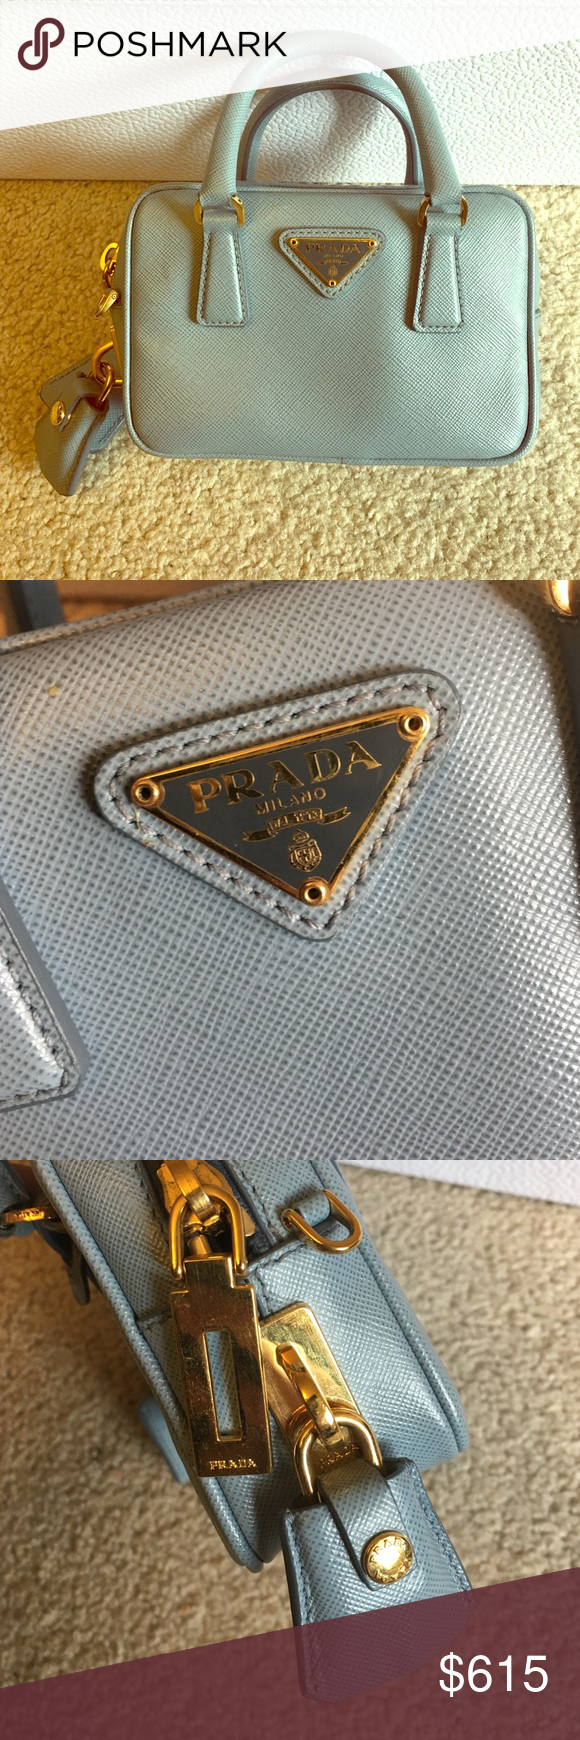 Prada mini bag. Babe blue Prada mini bag. Light blue. Prada Bags Clutches & Wristlets